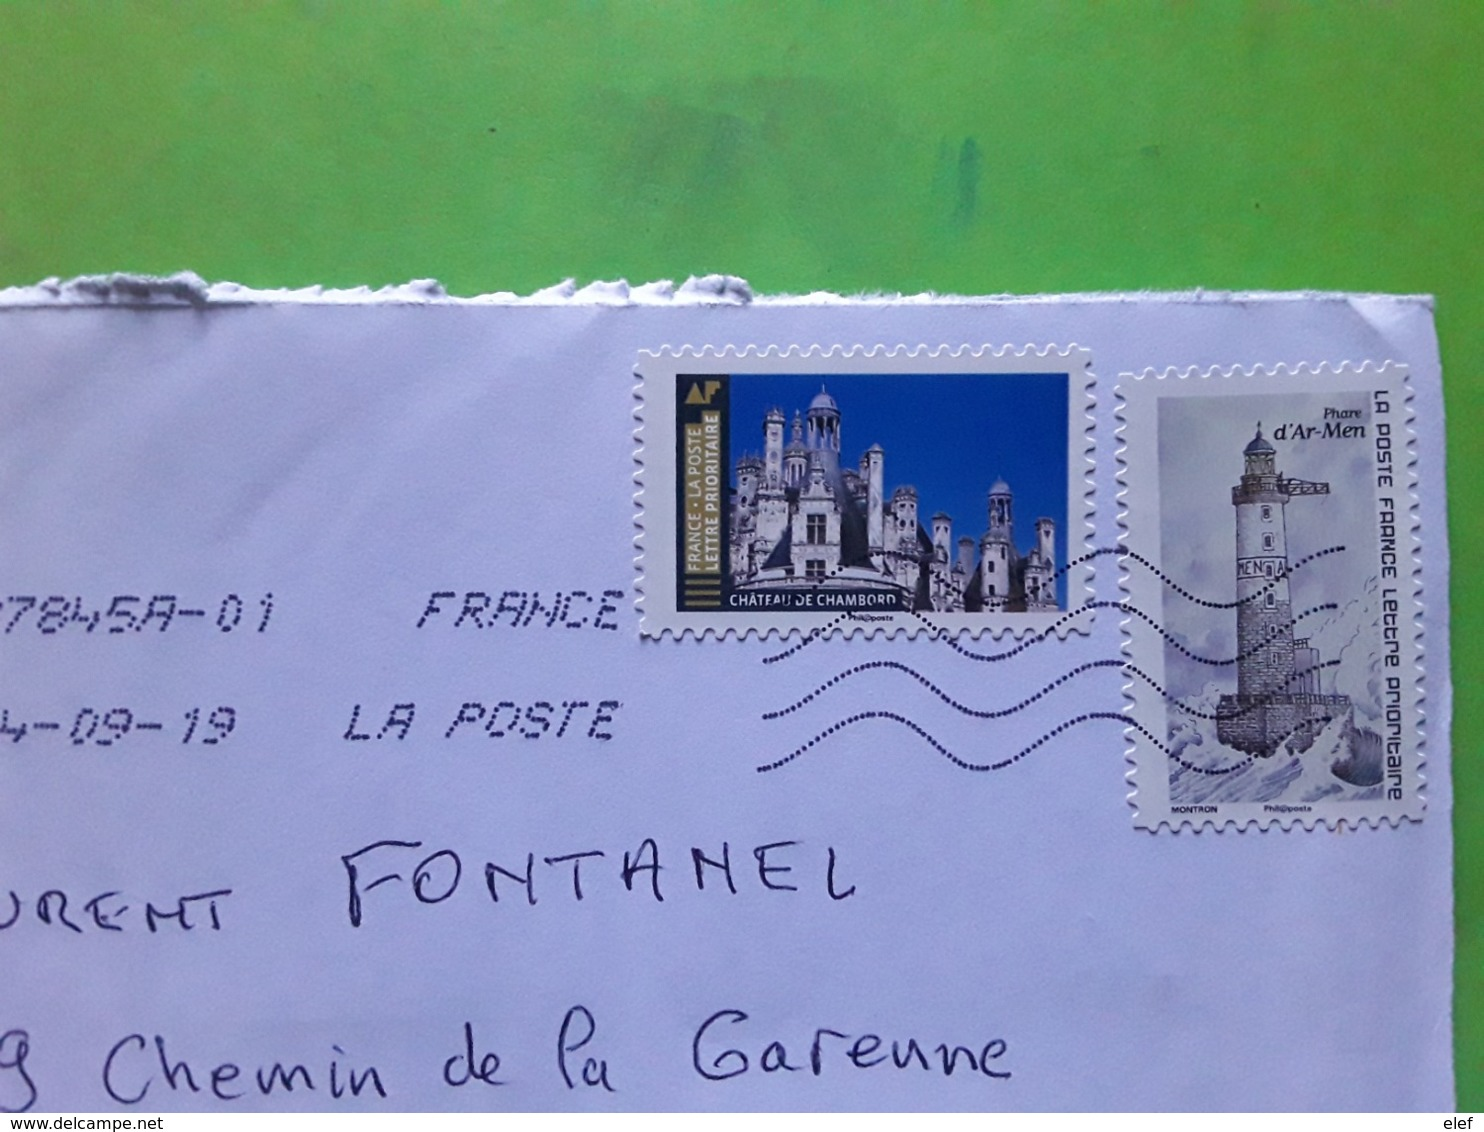 France Lettre Prioritaire DOUBLE PORT Timbre Chateau De Chambord / Phare D' Ar Men , 2019, TB - 1961-....